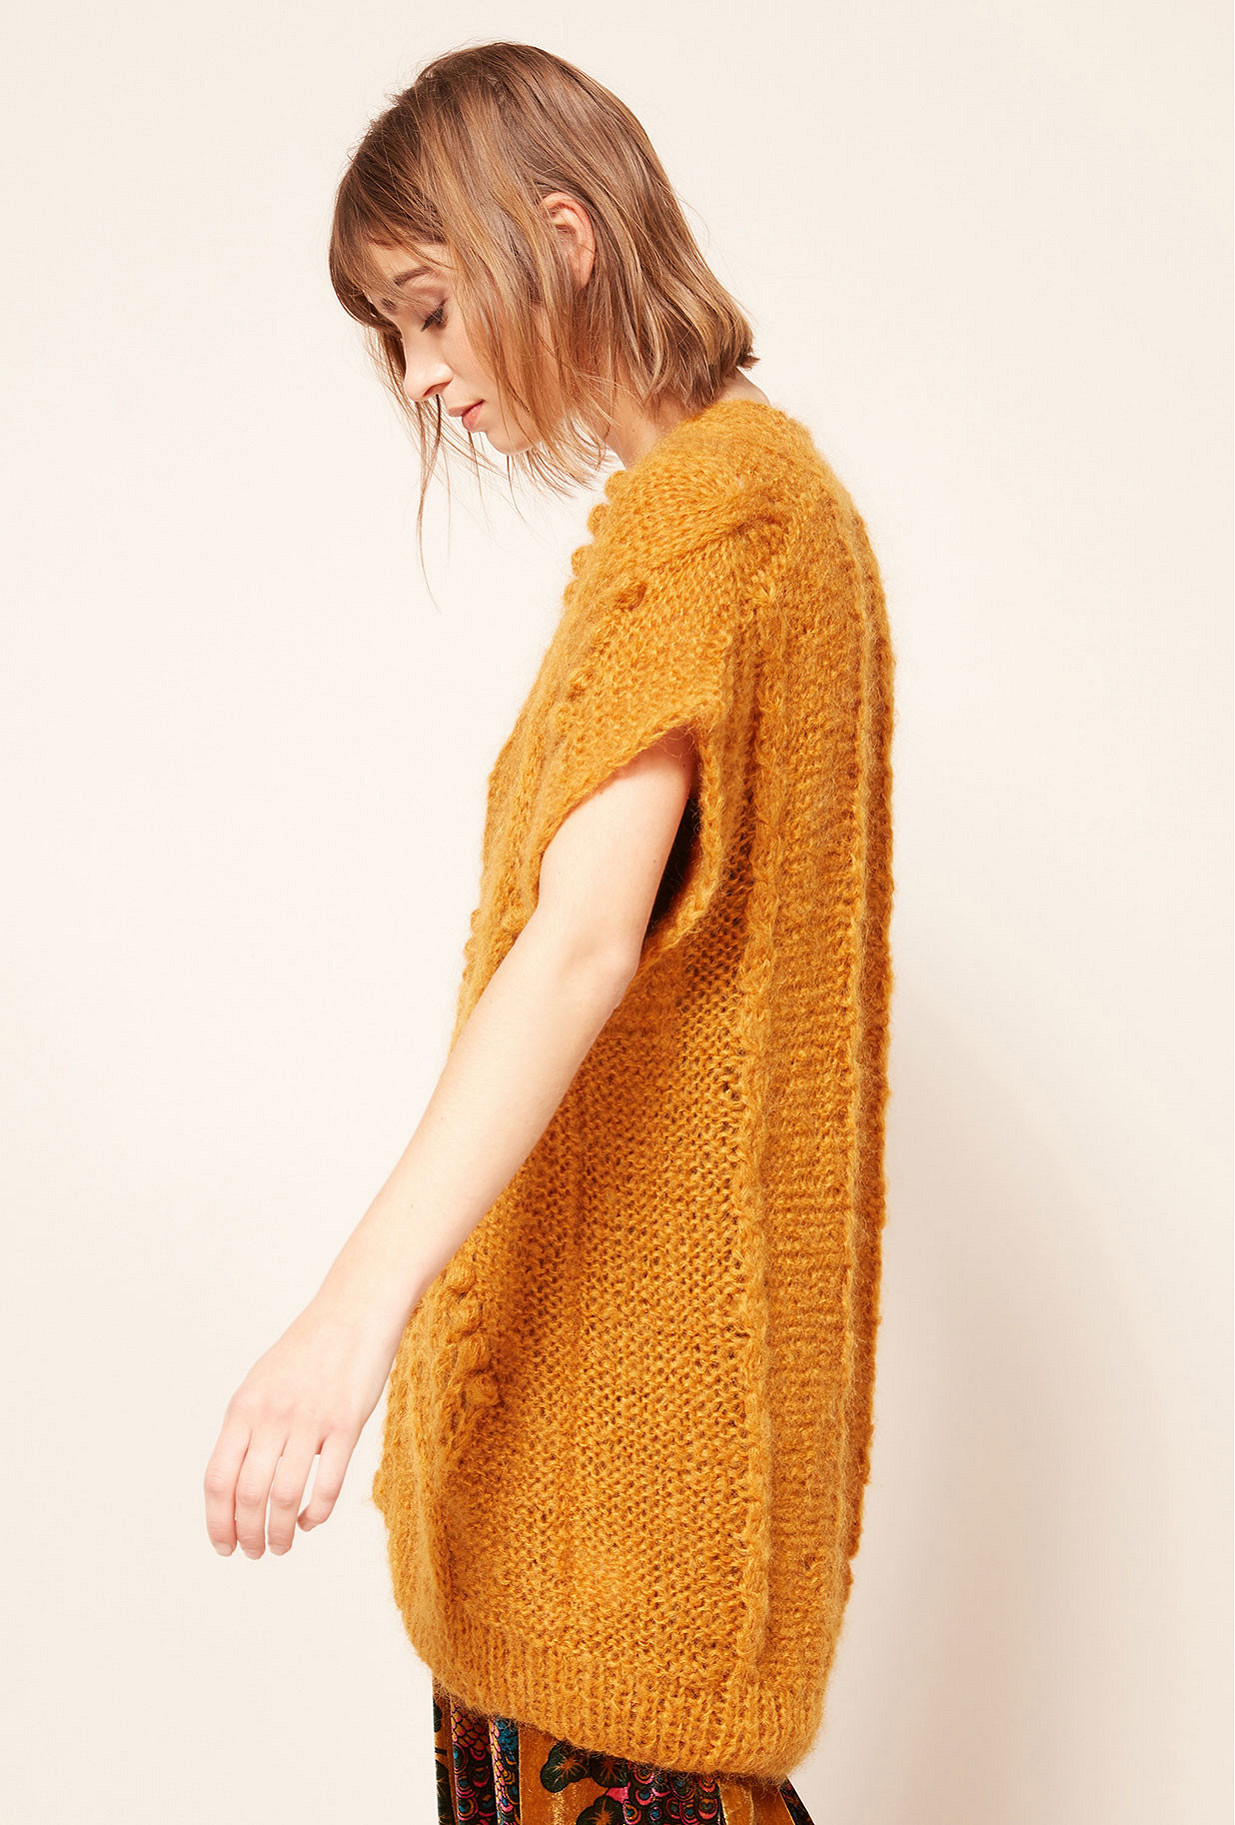 Paris clothes store Jacket  Clarisse french designer fashion Paris